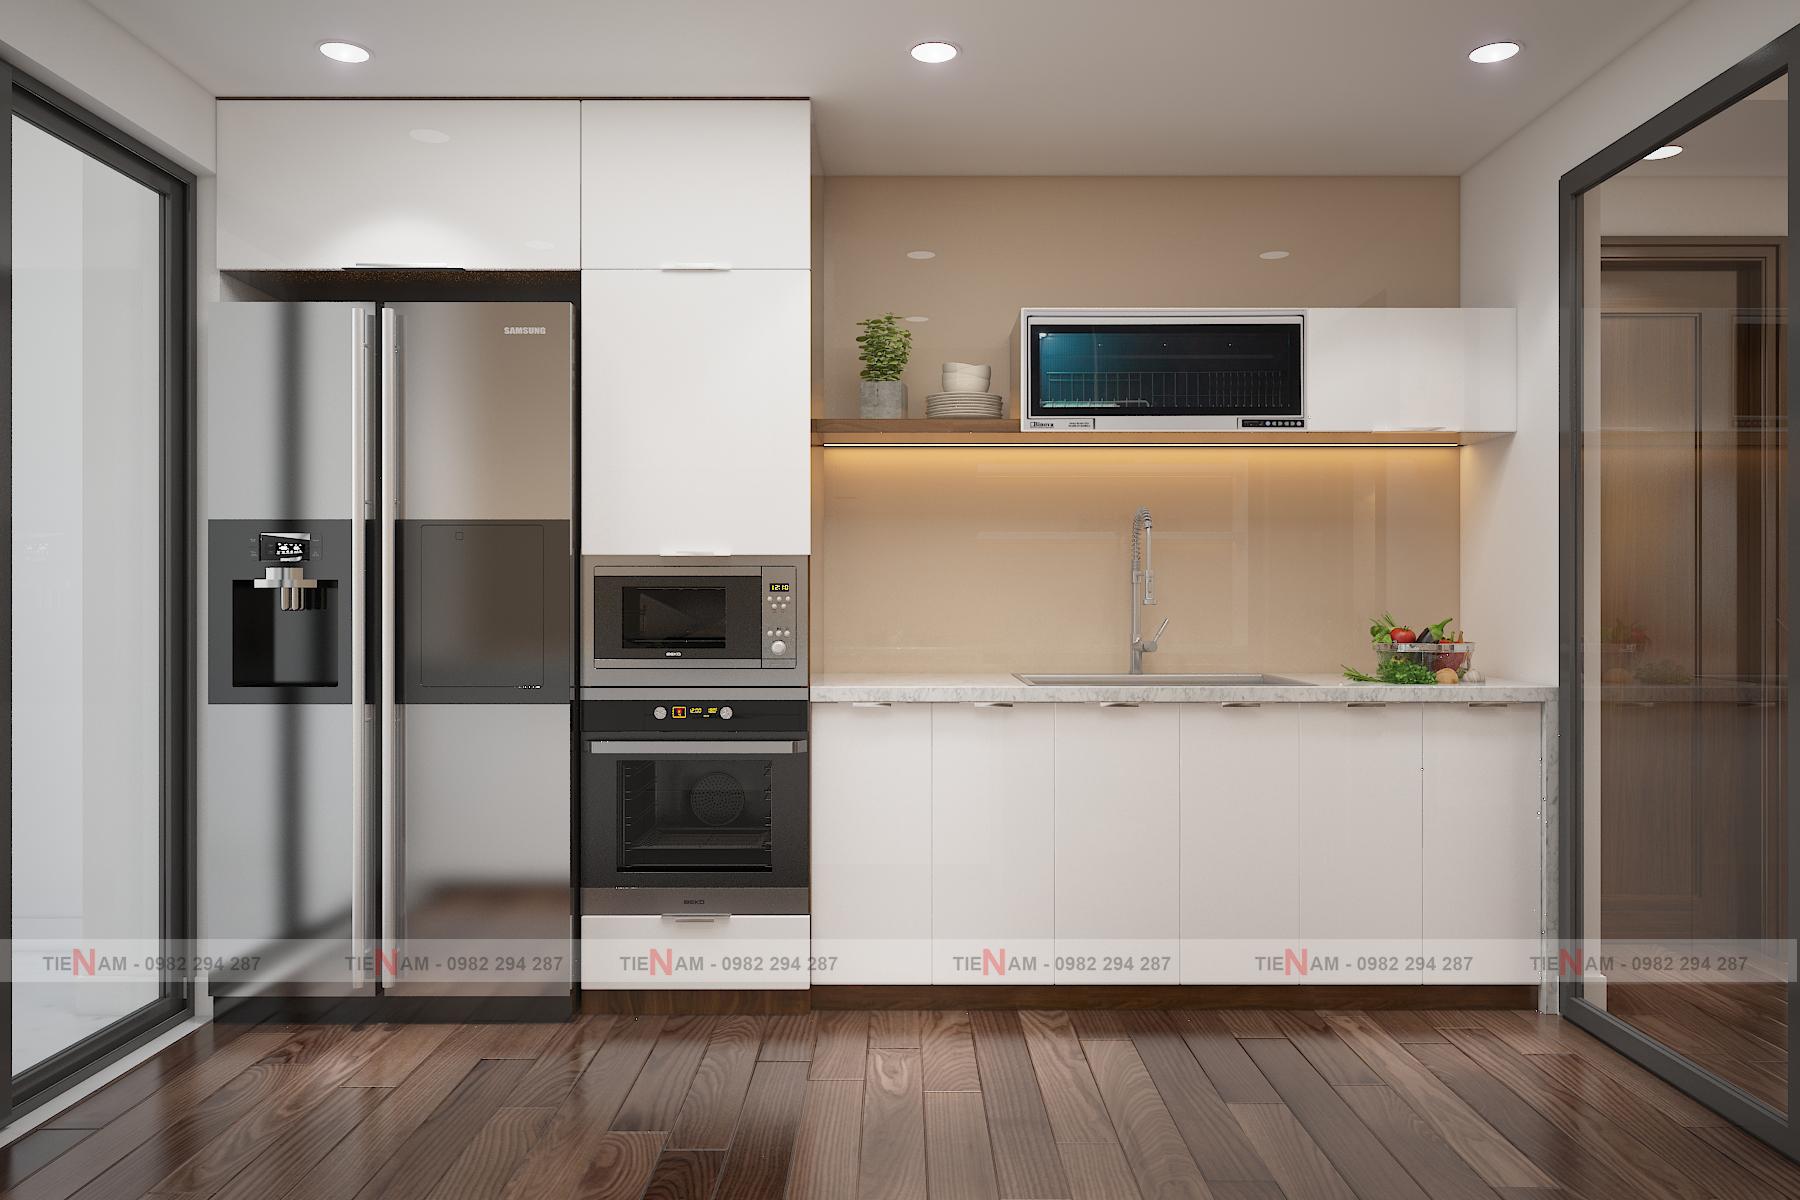 Thiết kế Chung Cư tại Hà Nội Chung cư Phố Vọng 1573054621 8